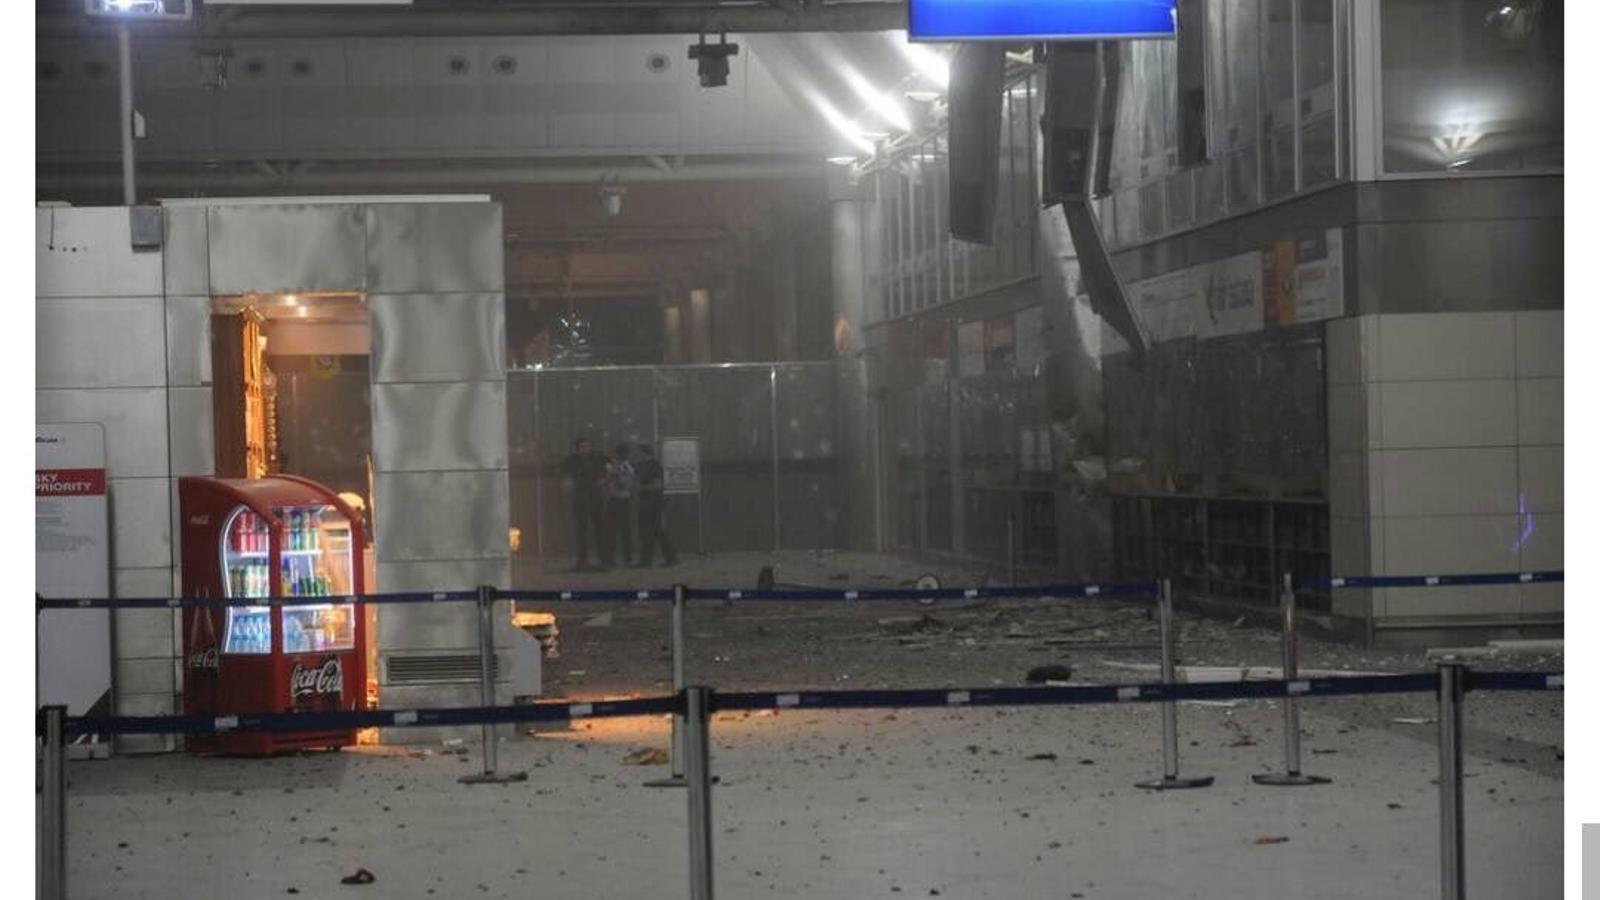 Entrada de la terminal internacional de l'aeroport d'Istanbul després de l'atemptat